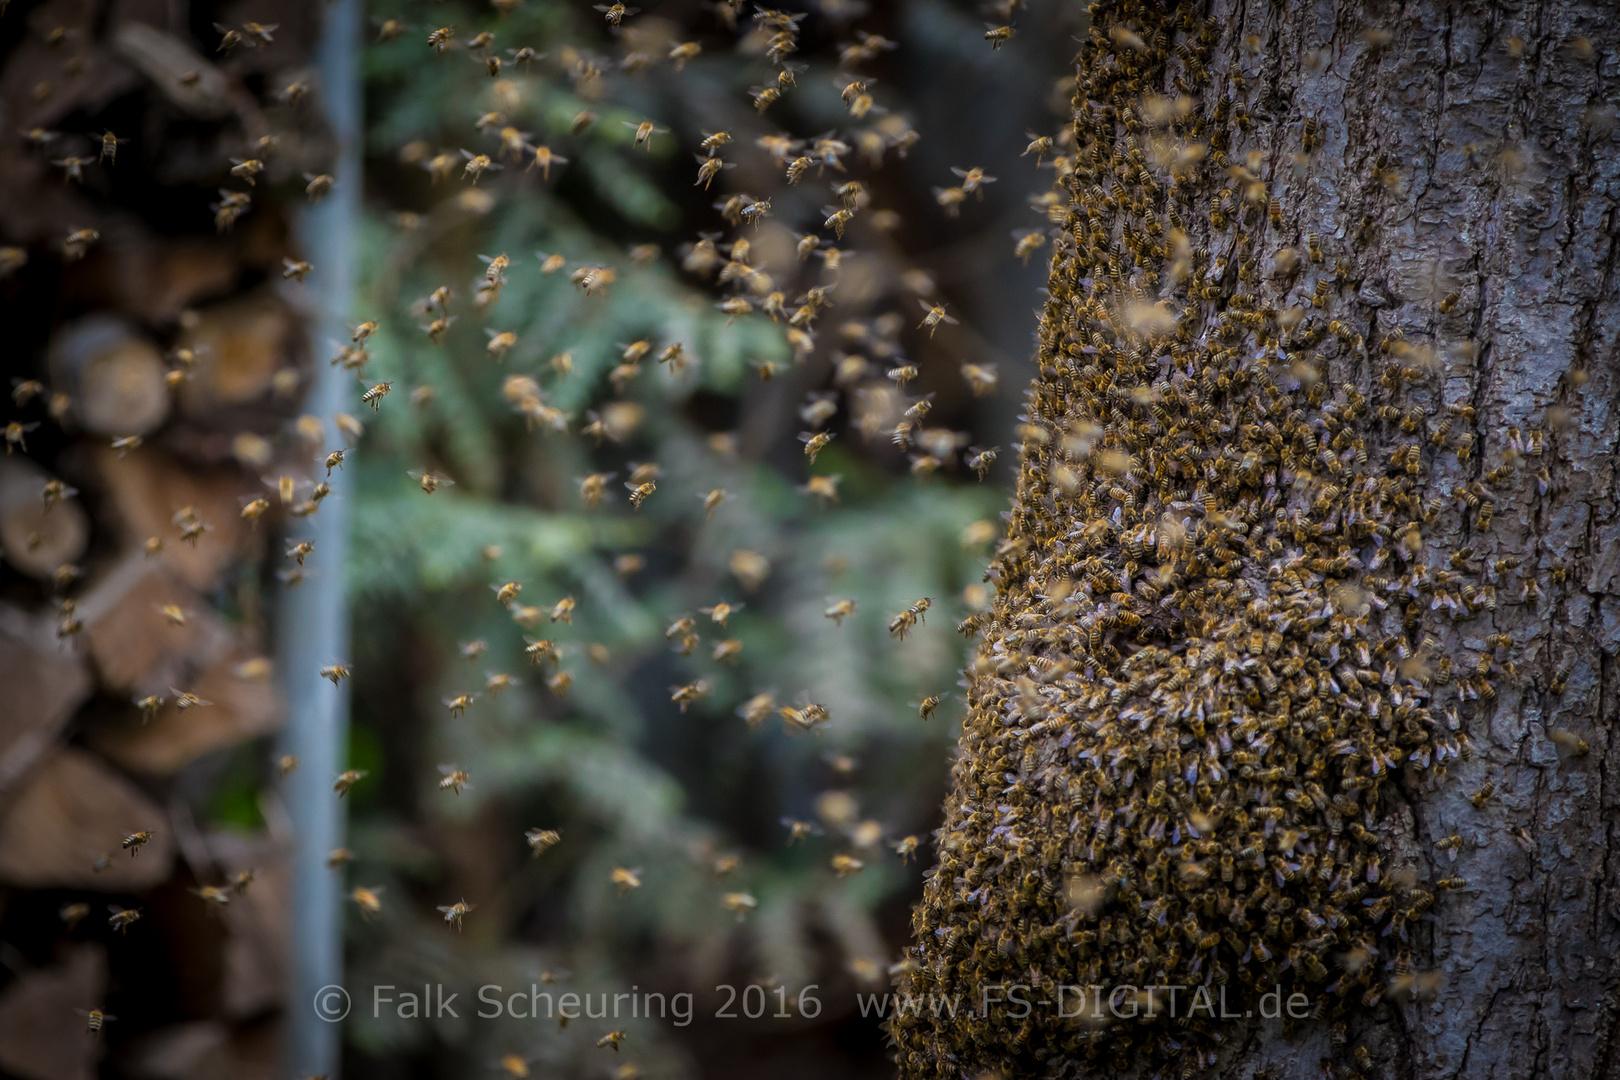 Bienenschwarm zieht in neues Zuhause